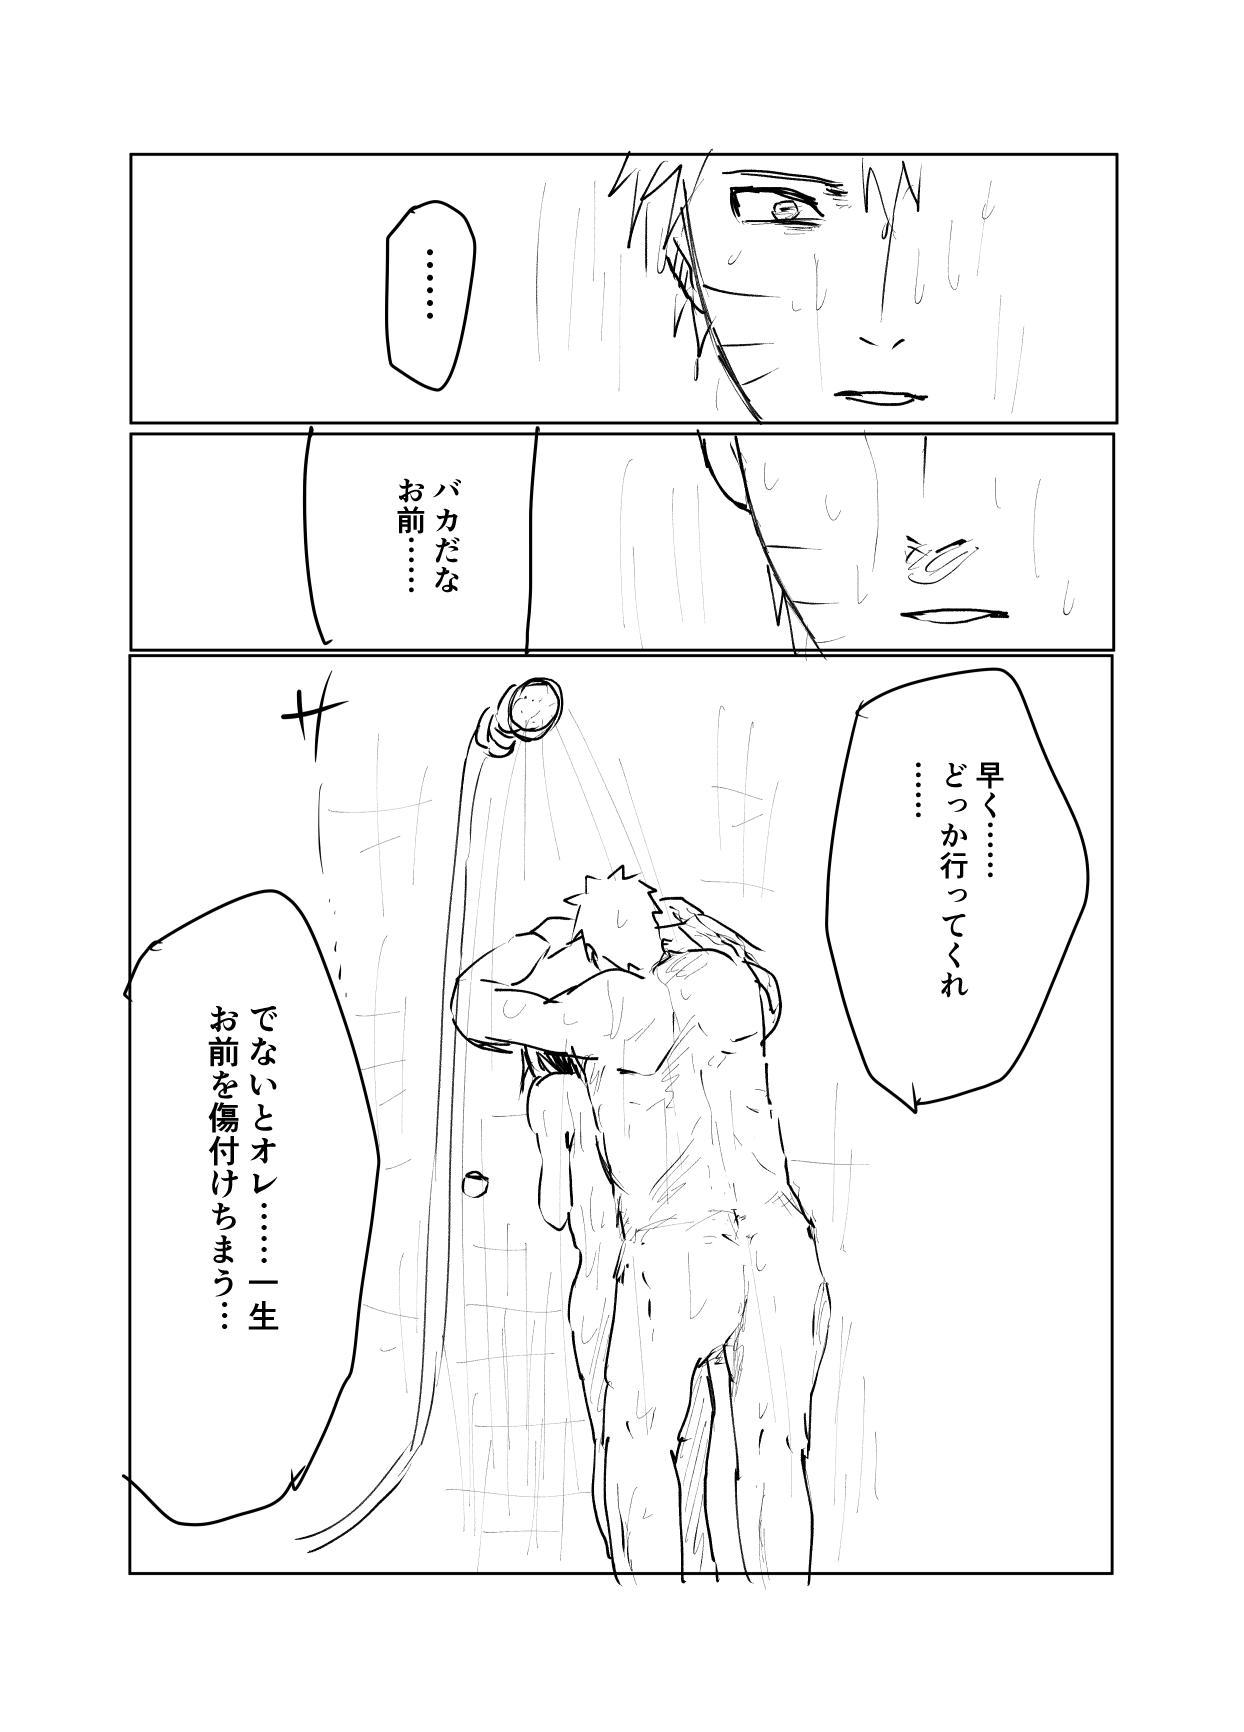 嘘告白漫画 96